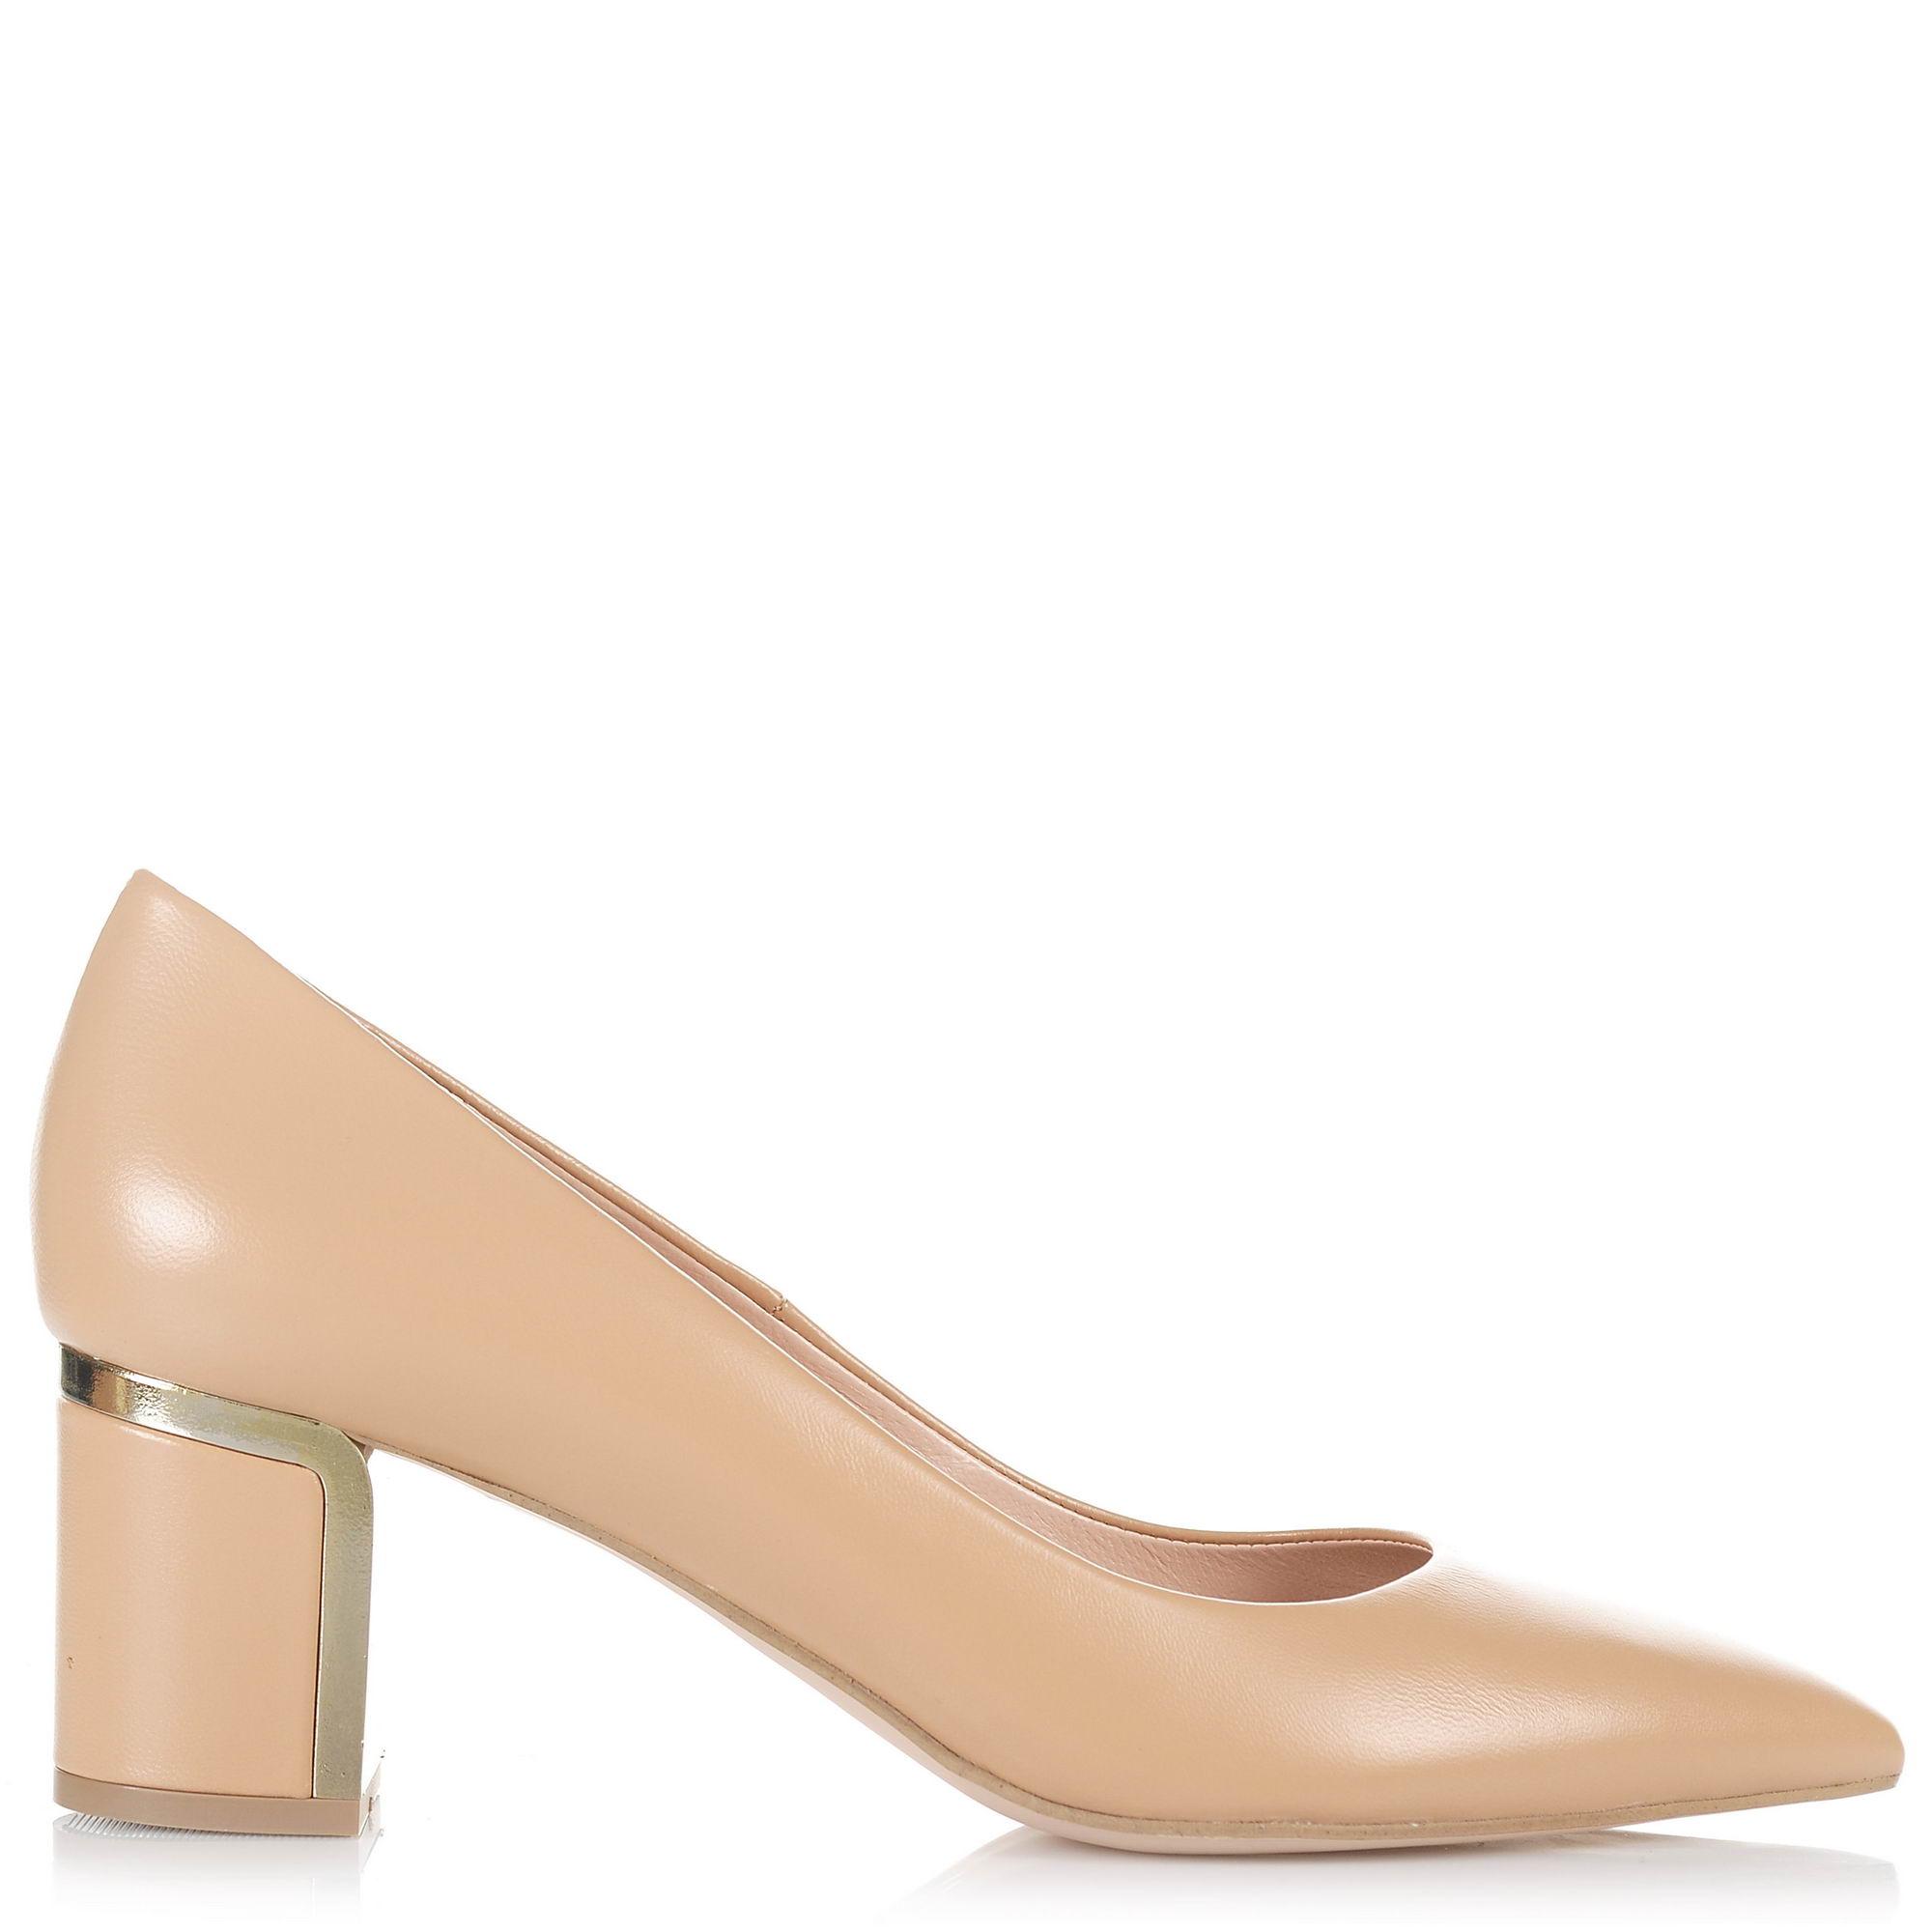 Δερμάτινες Γόβες Mourtzi 55/55700 γυναικα   γυναικείο παπούτσι